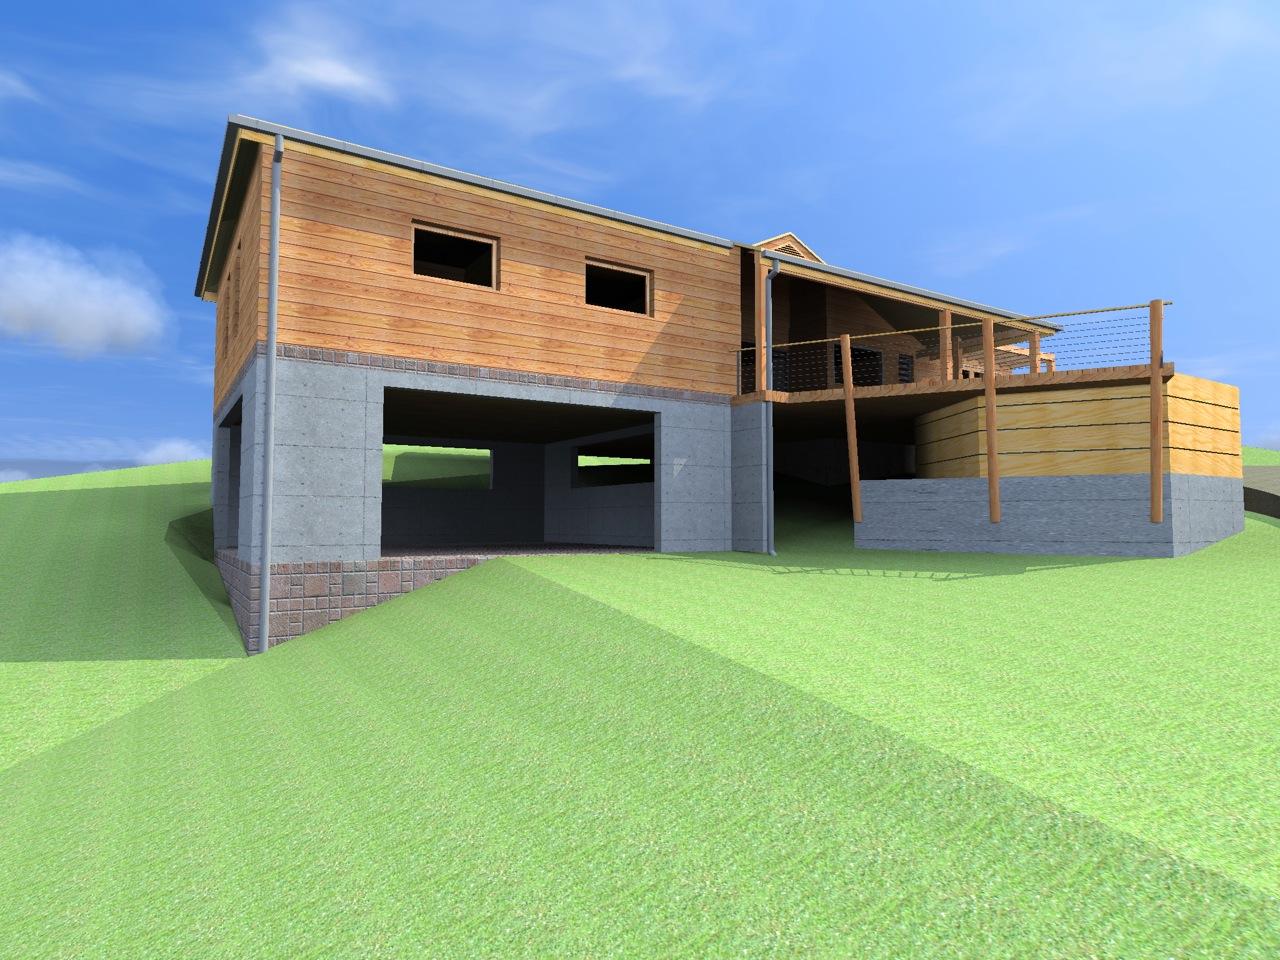 Notre maison marie galante plans visuels et conception - Maison sur terrain pentu ...